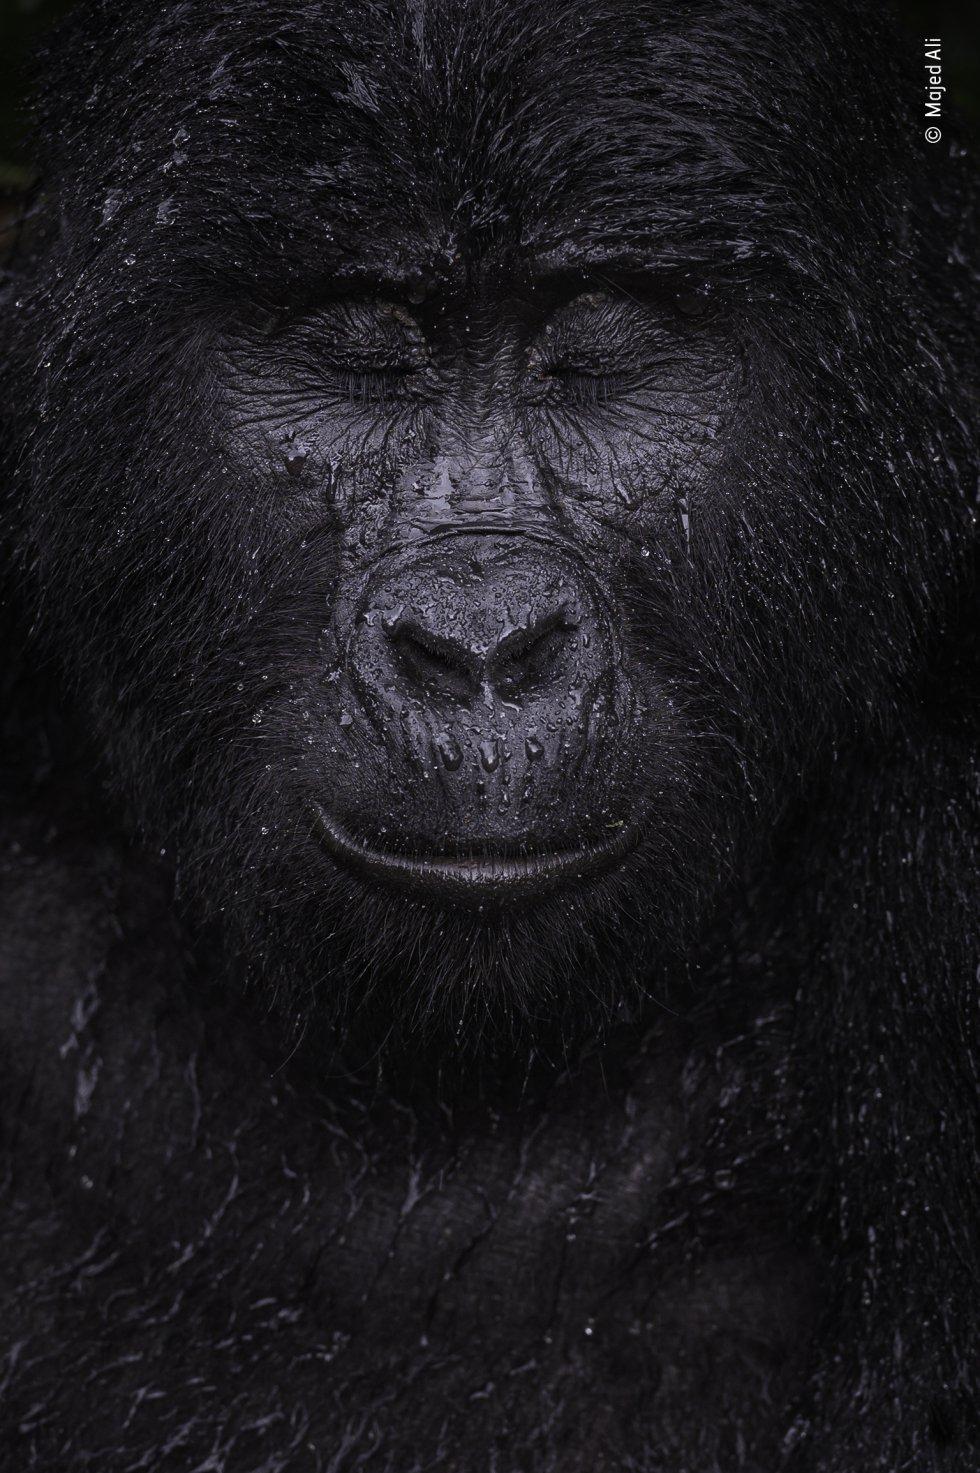 """Majed Ali (Kuwait) vislumbra el momento en que un gorila de montaña cierra los ojos bajo la lluvia. Majed caminó durante cuatro horas para conocer a Kibande, un gorila de montaña de casi 40 años. """"Cuanto más subíamos, más calor y humedad había"""", recuerda Majed. Cuando empezó a llover, Kibande permaneció al aire libre y pareció disfrutar del chaparrón. Los gorilas de montaña son una subespecie de gorila oriental y se encuentran a más de 1.400 metros de altura en dos poblaciones aisladas: en los volcanes Virunga y en Bwindi. Estos gorilas están en peligro de extinción debido a la pérdida de hábitat, las enfermedades, la caza furtiva y la alteración del hábitat causada por la actividad humana."""